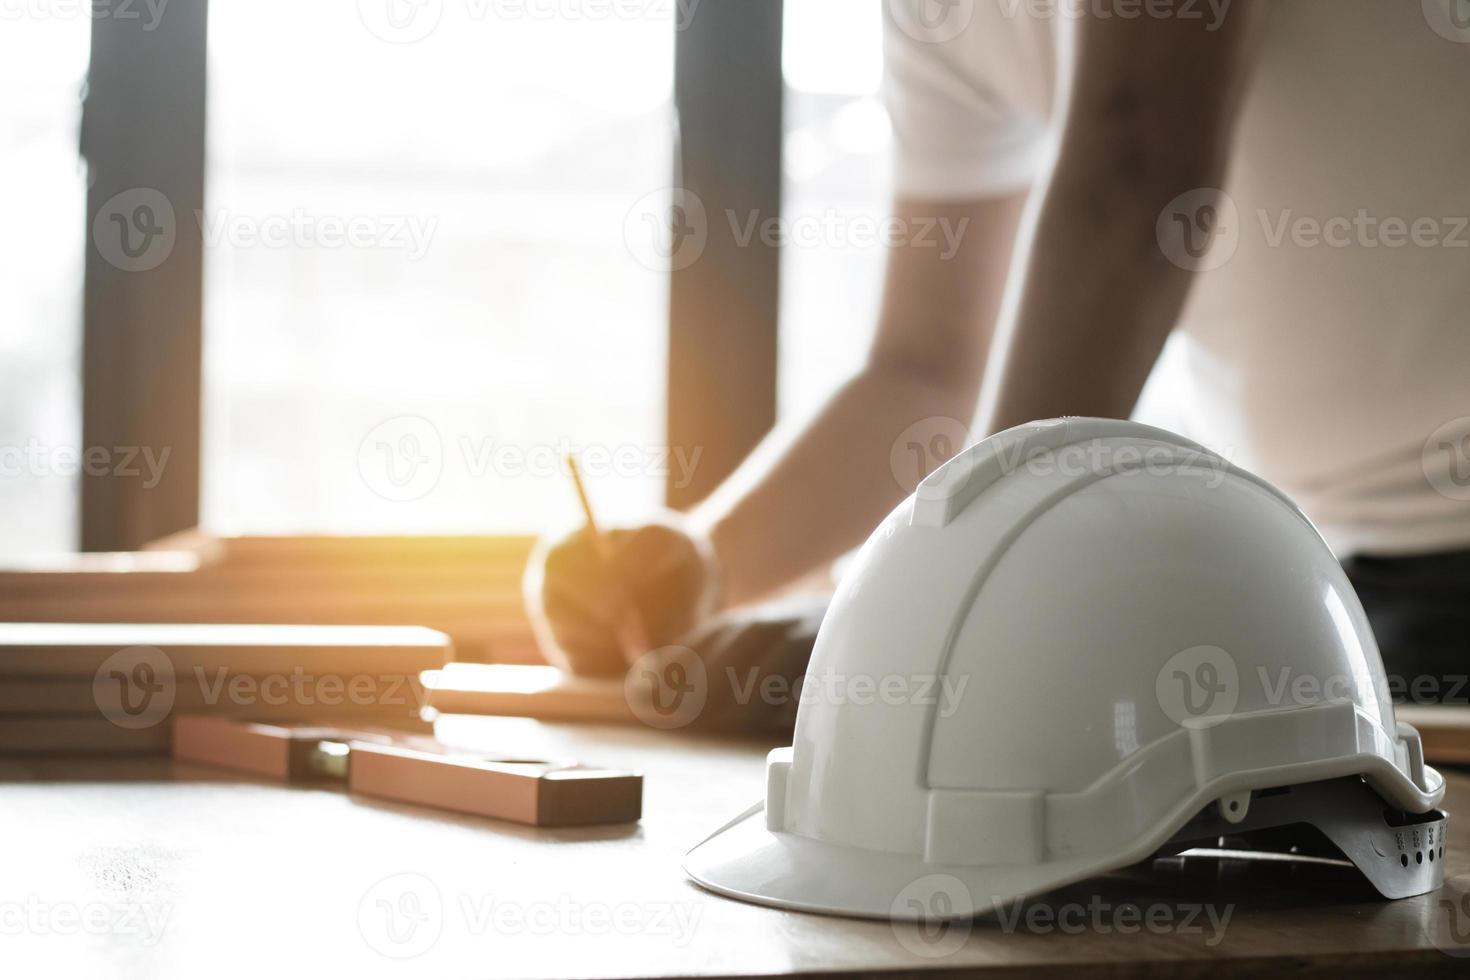 casque sur une table photo